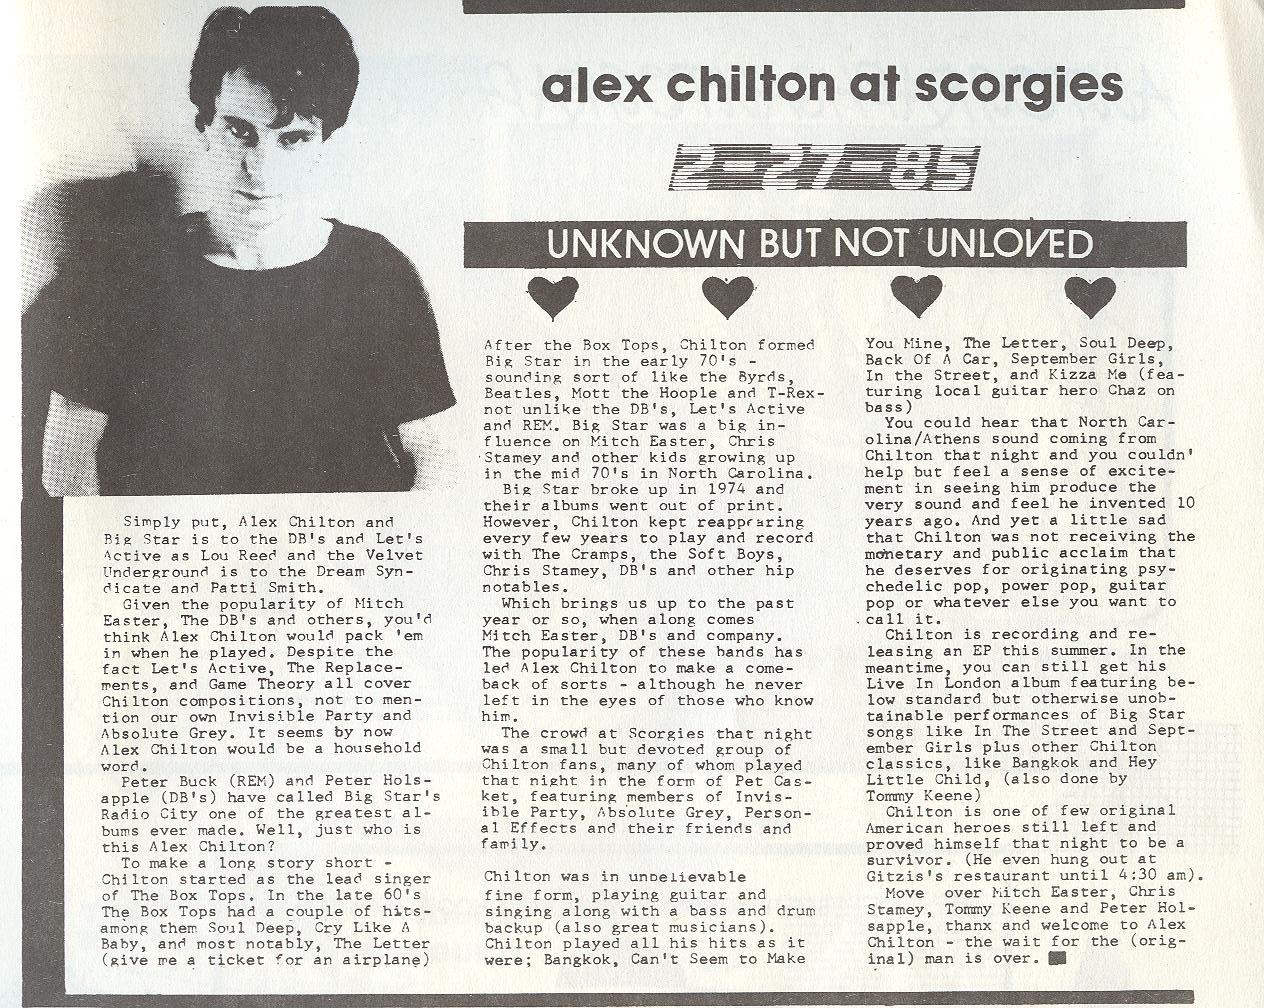 Alex Chilton article